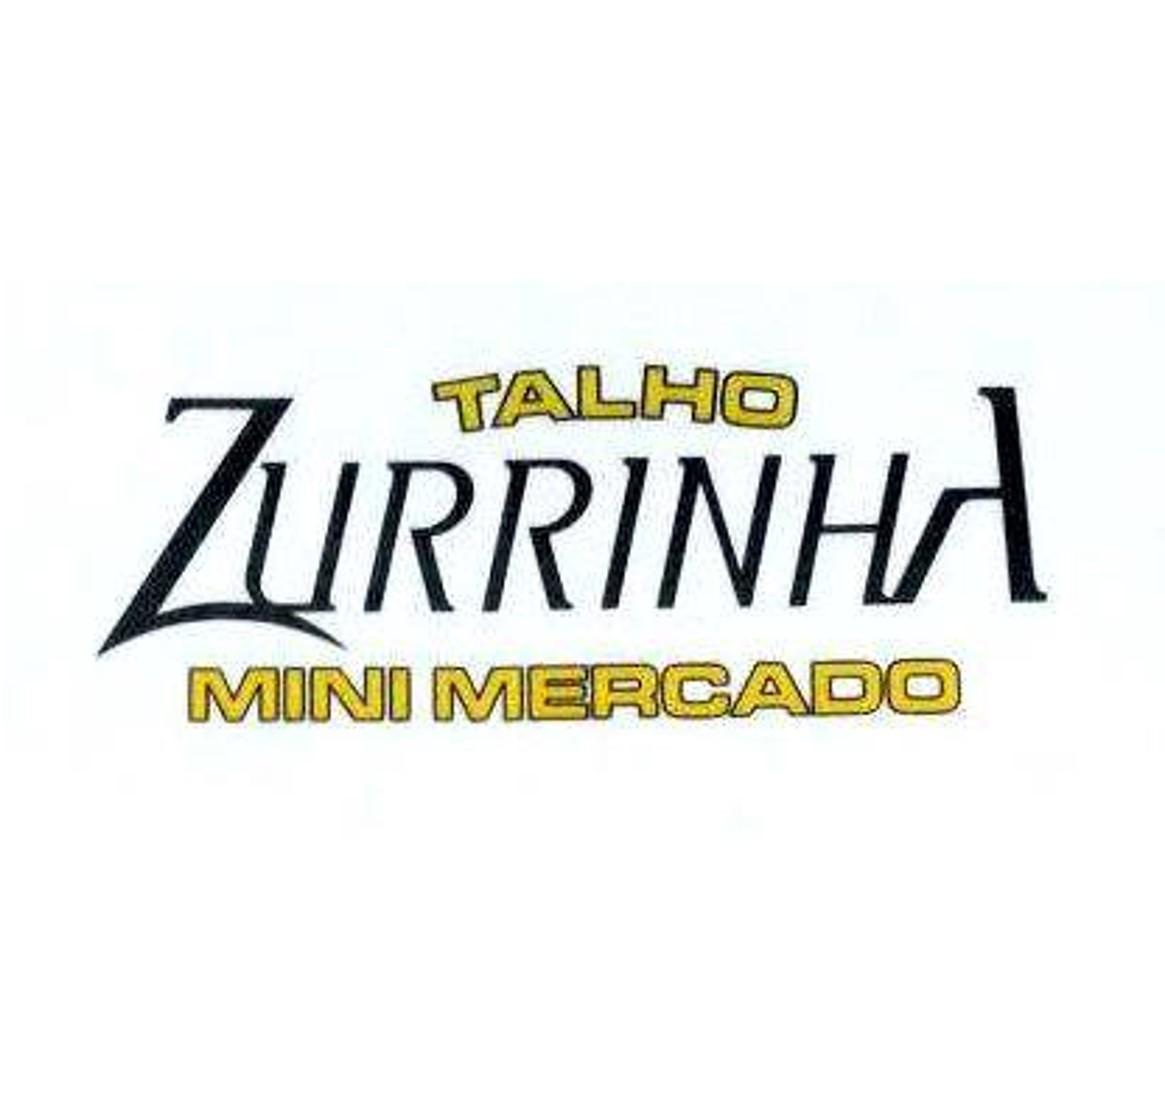 Mini Mercado Zurrinha